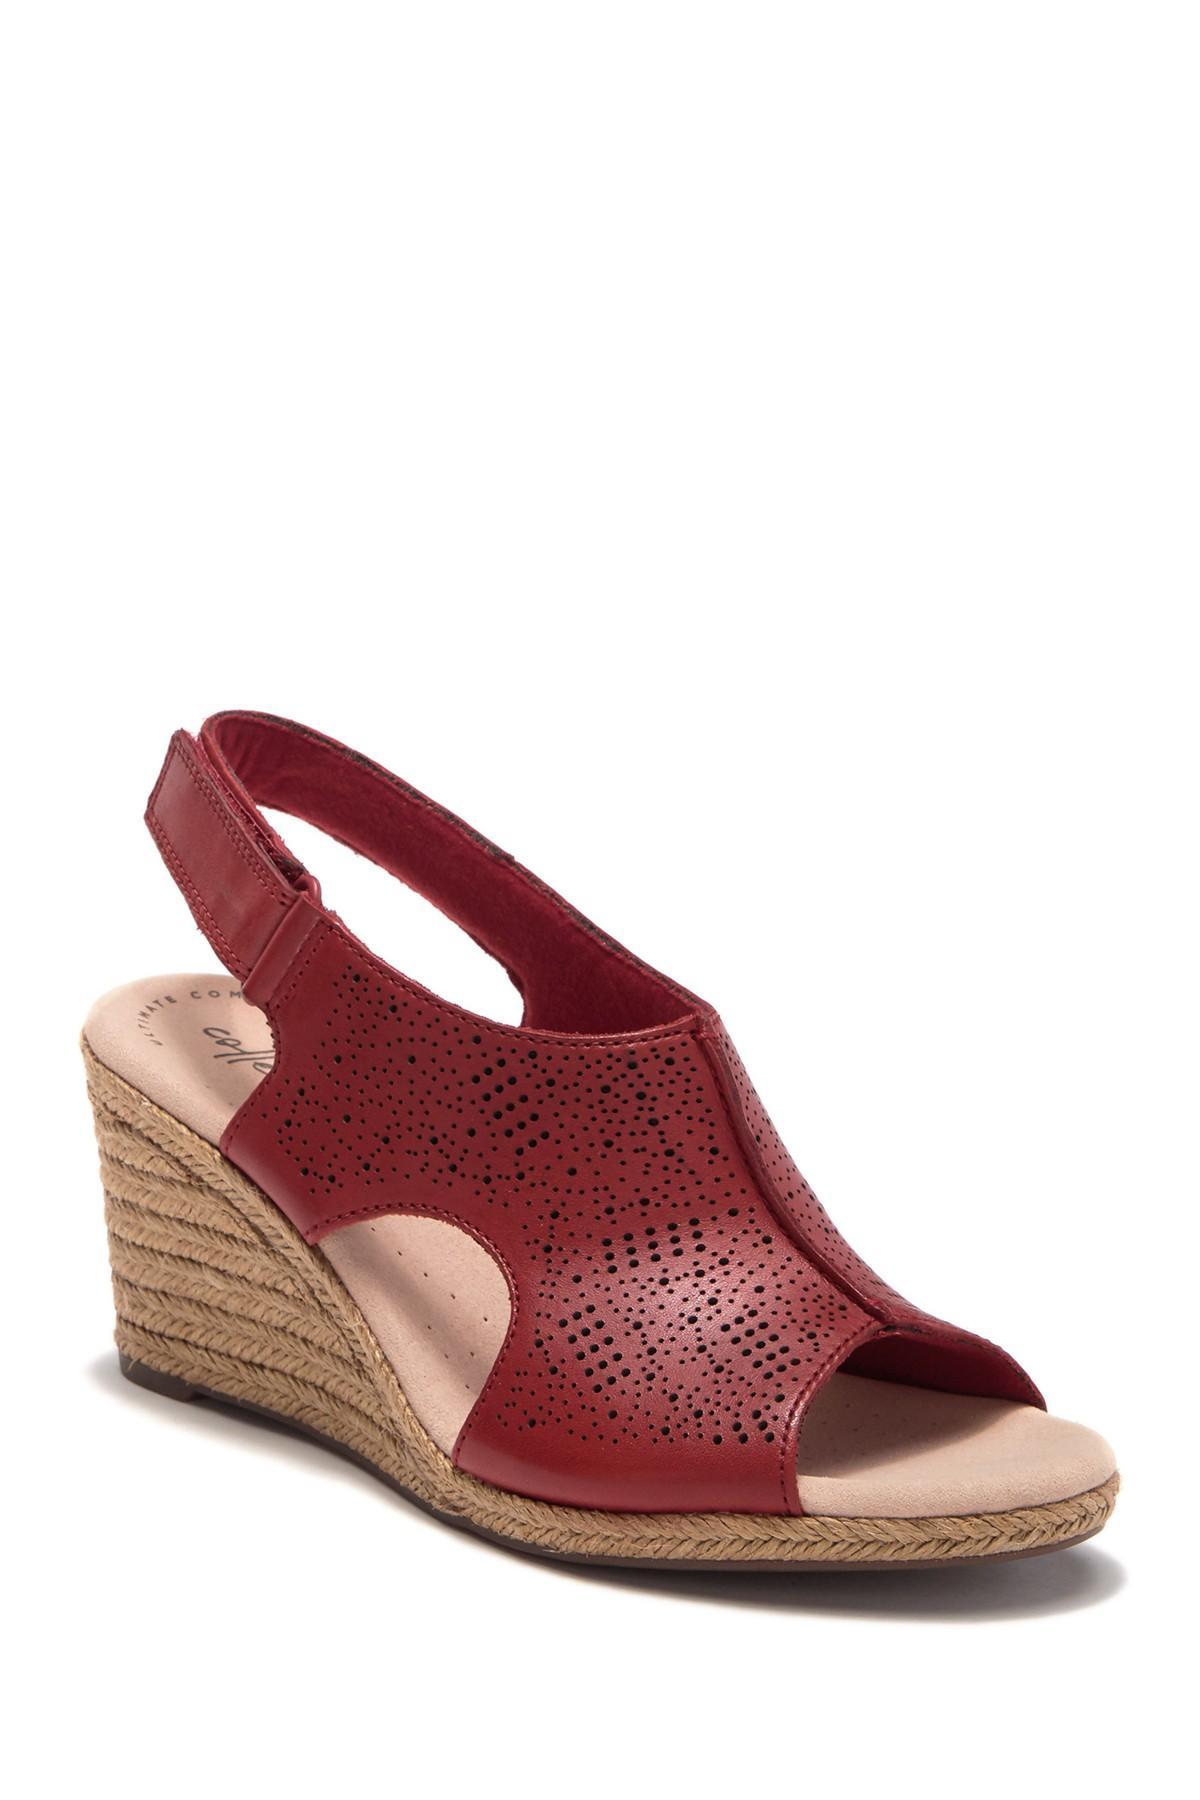 6aa8b2eea1e Lyst - Clarks Lafley Rosen Espadrille Wedge Sandal in Red